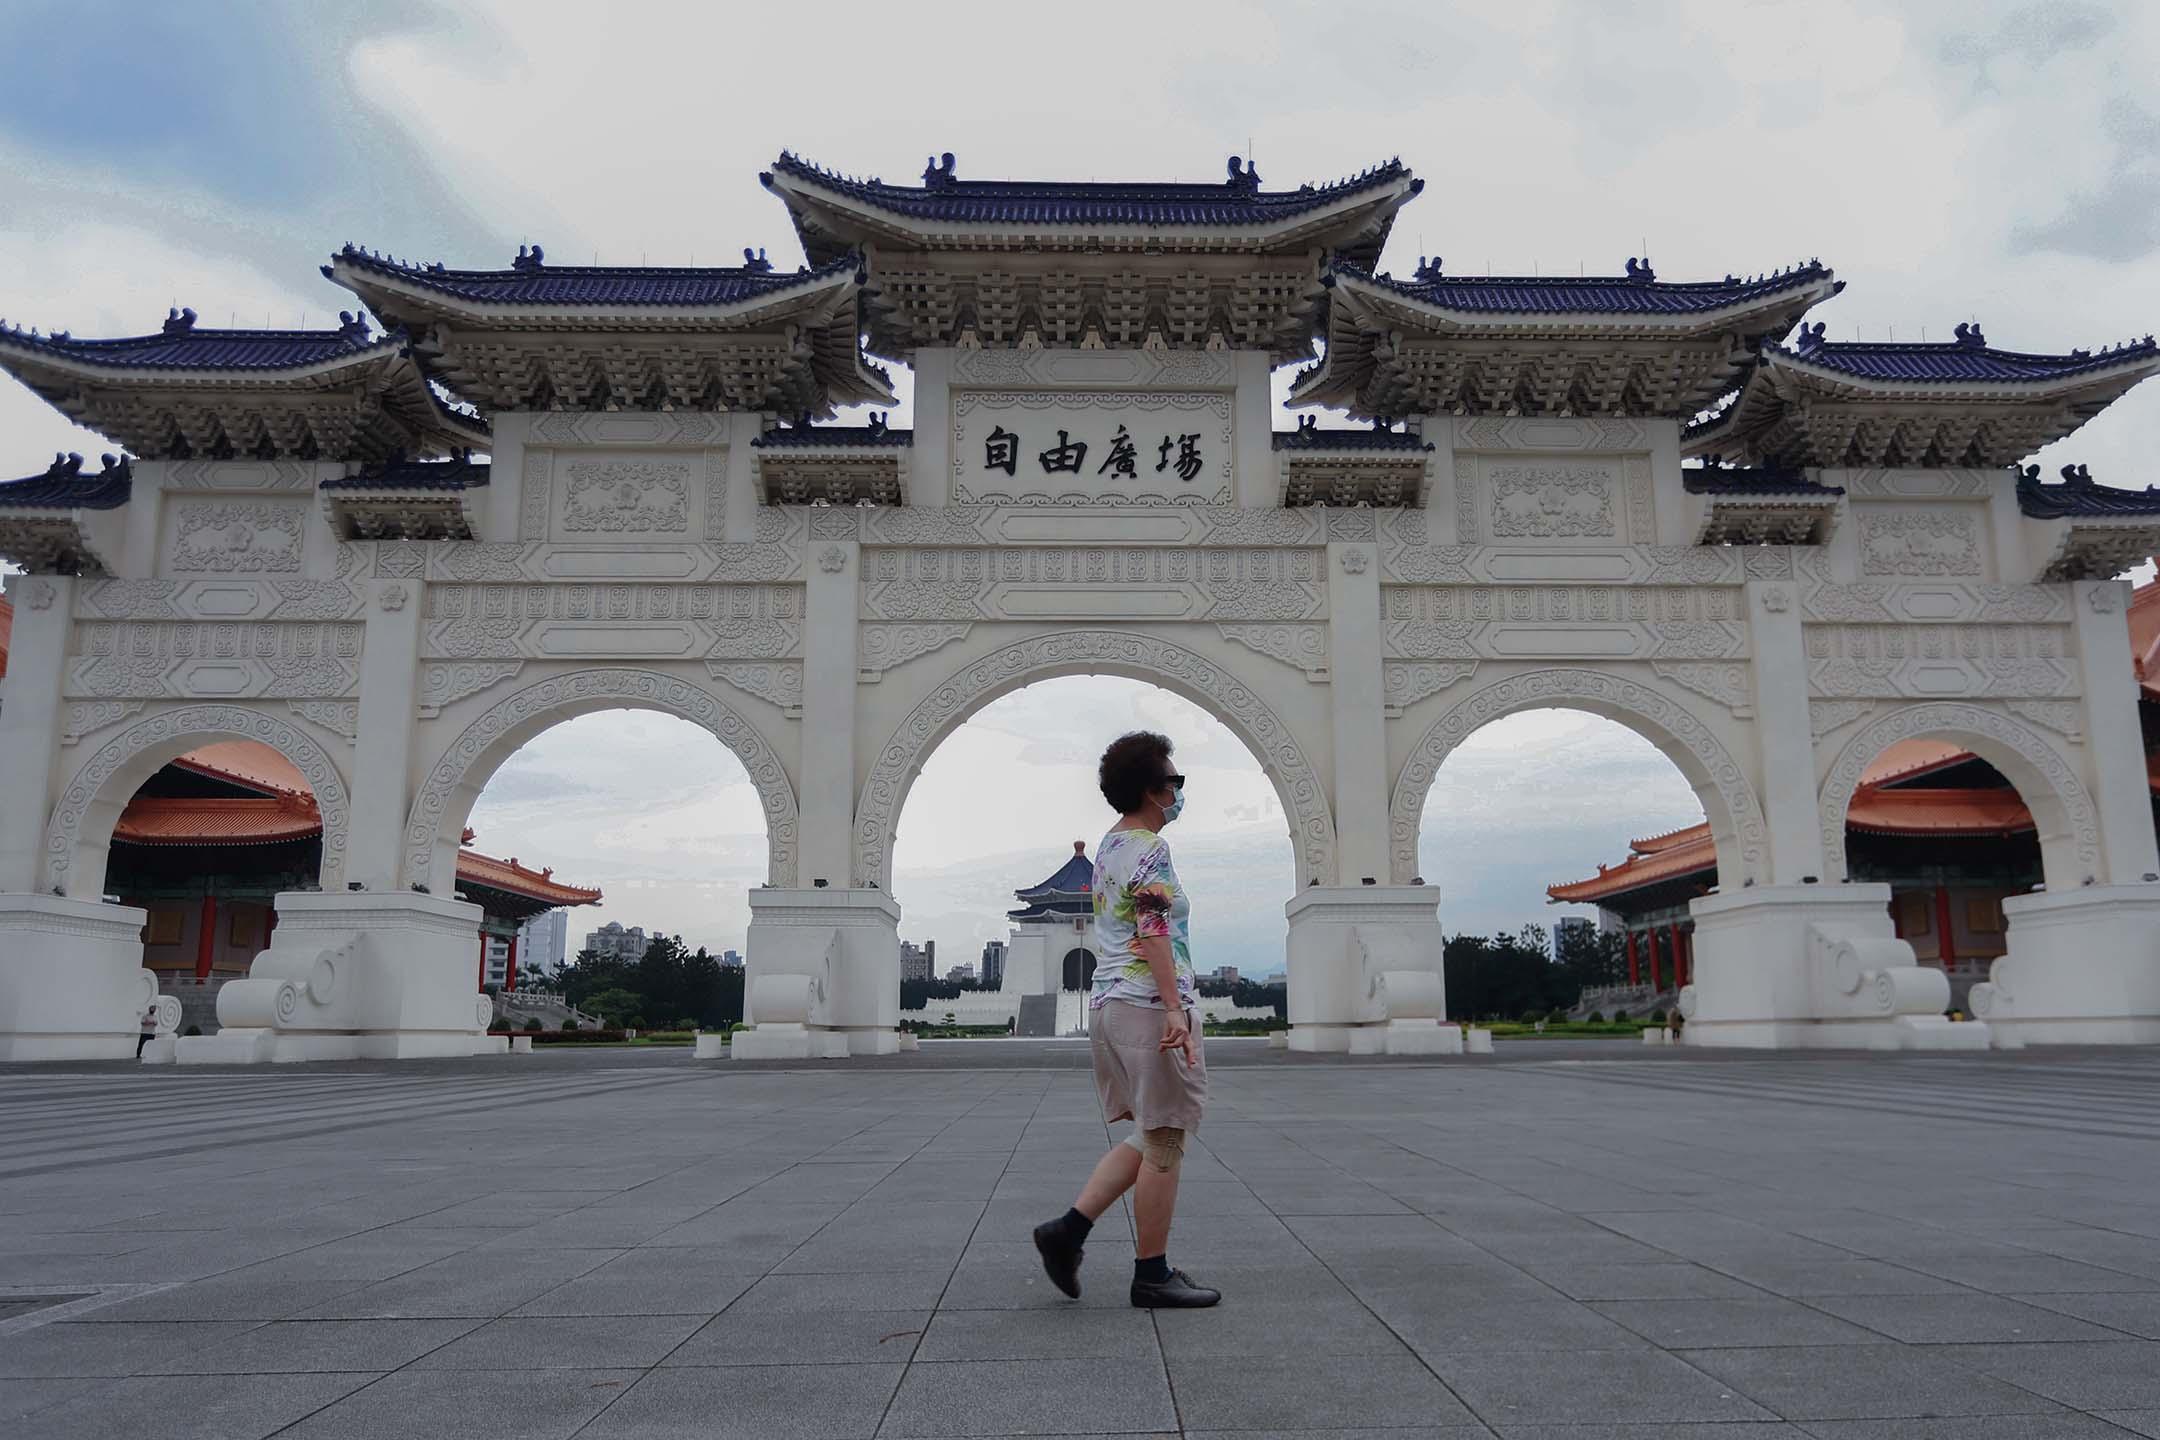 2021年5月21日台灣台北,2019冠狀病毒病例激增之後,戴著口罩的人們走過自由廣場。